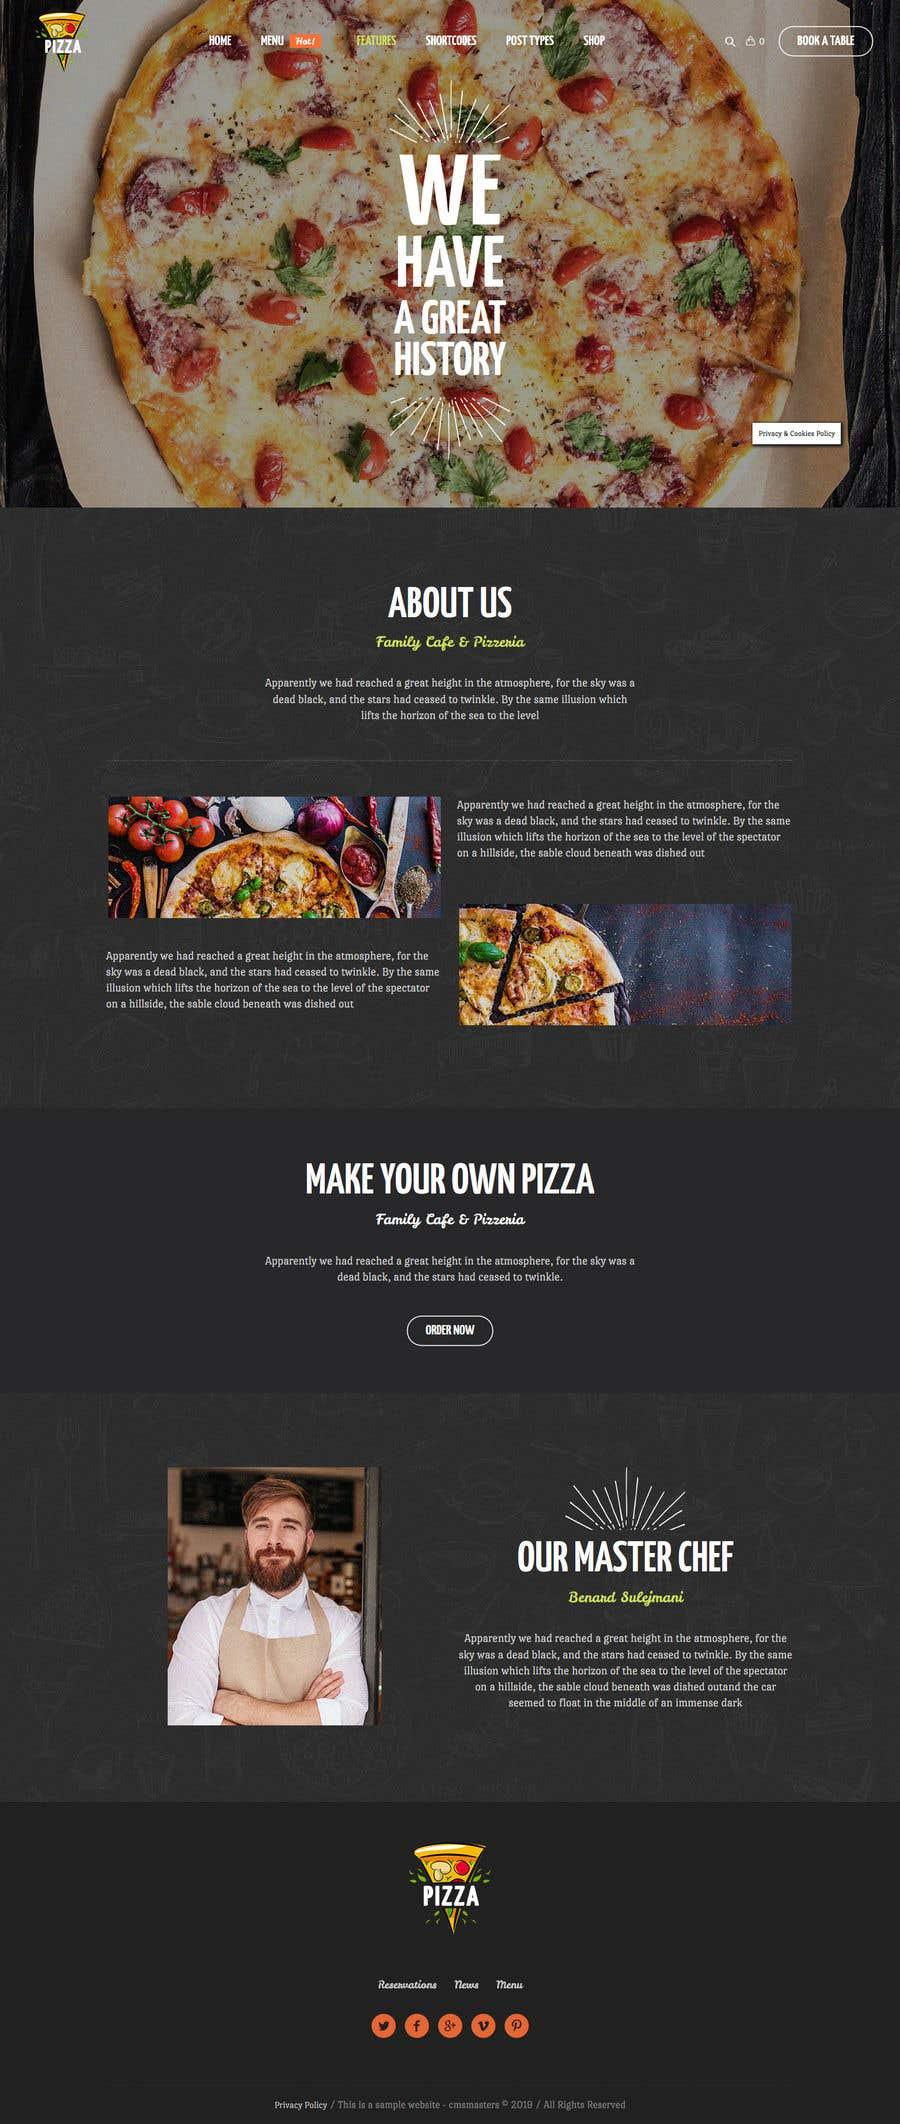 Konkurrenceindlæg #110 for Design A Website and Logo For Restaurant